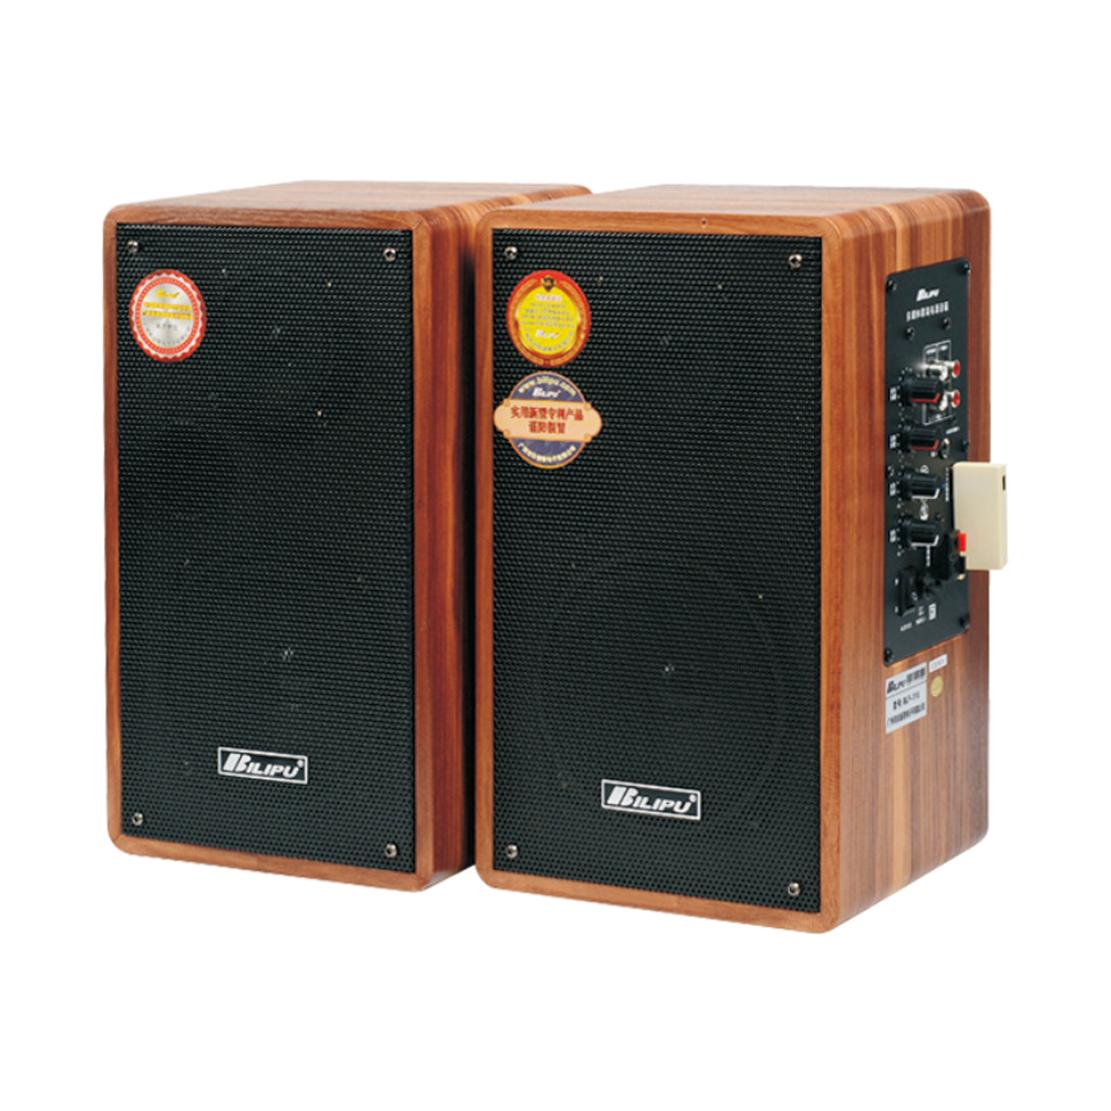 RX-800W   多媒体无线有源音箱